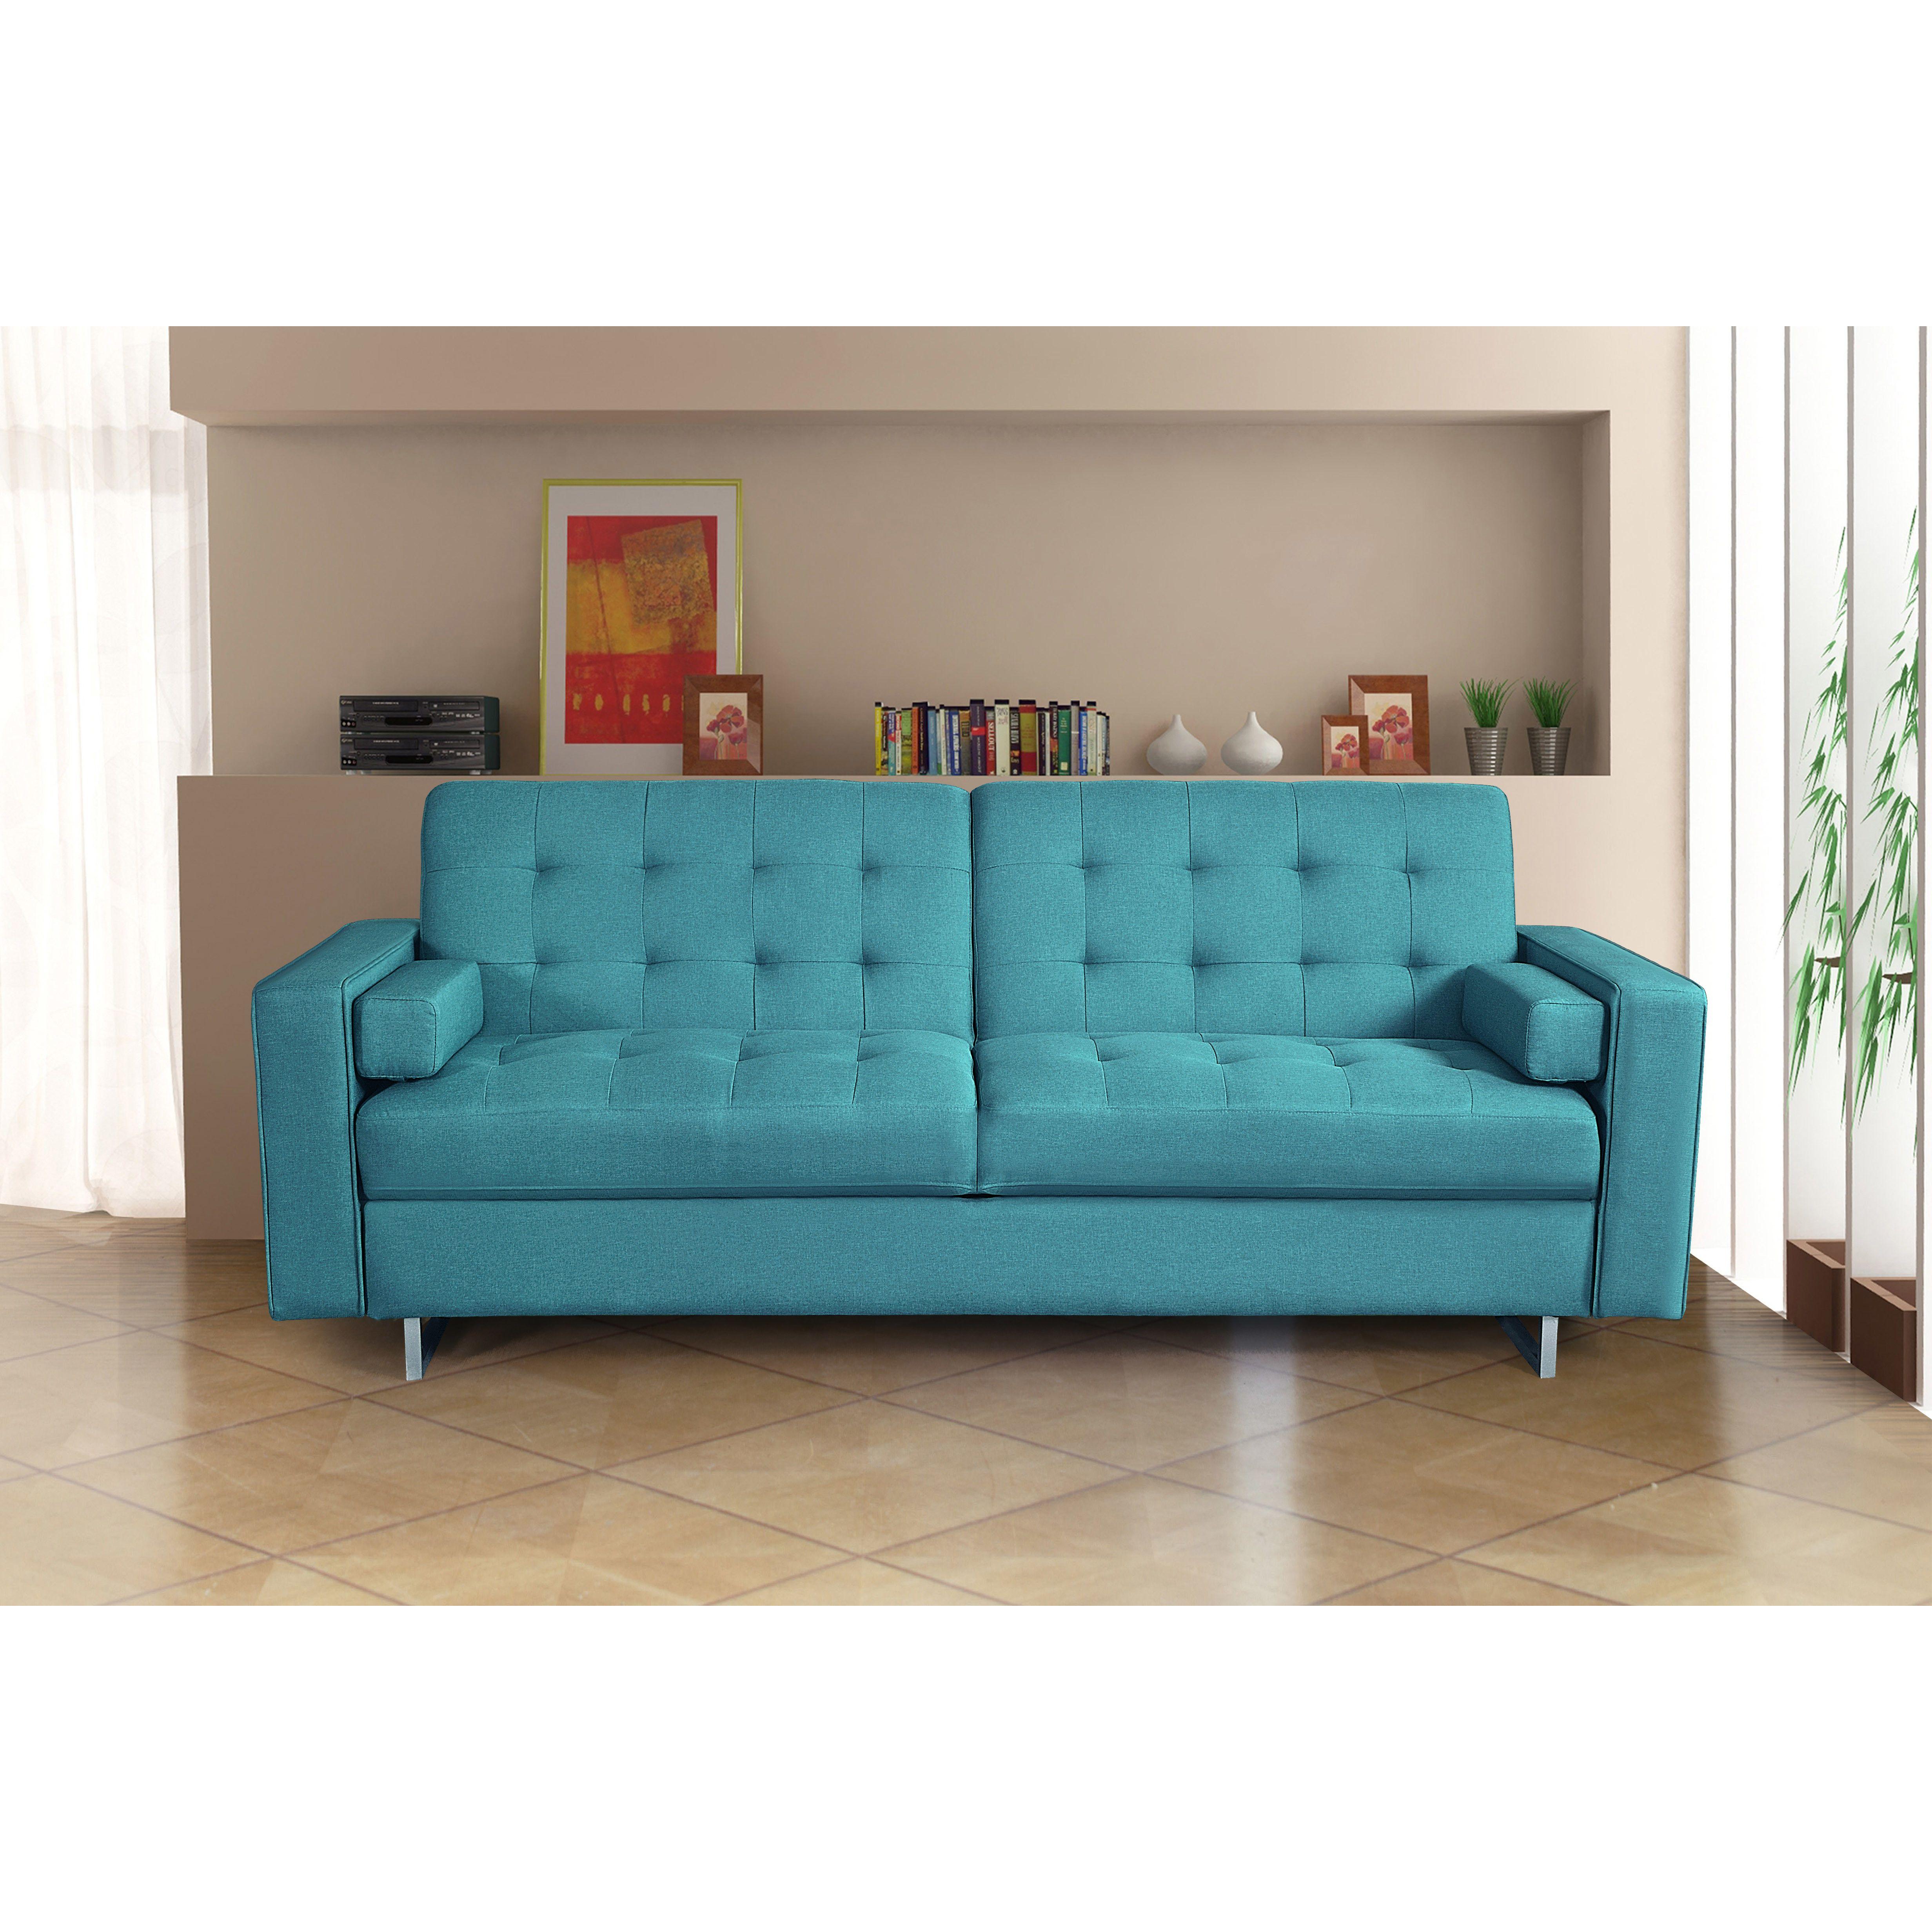 Sleeper sofa sleeper sofas